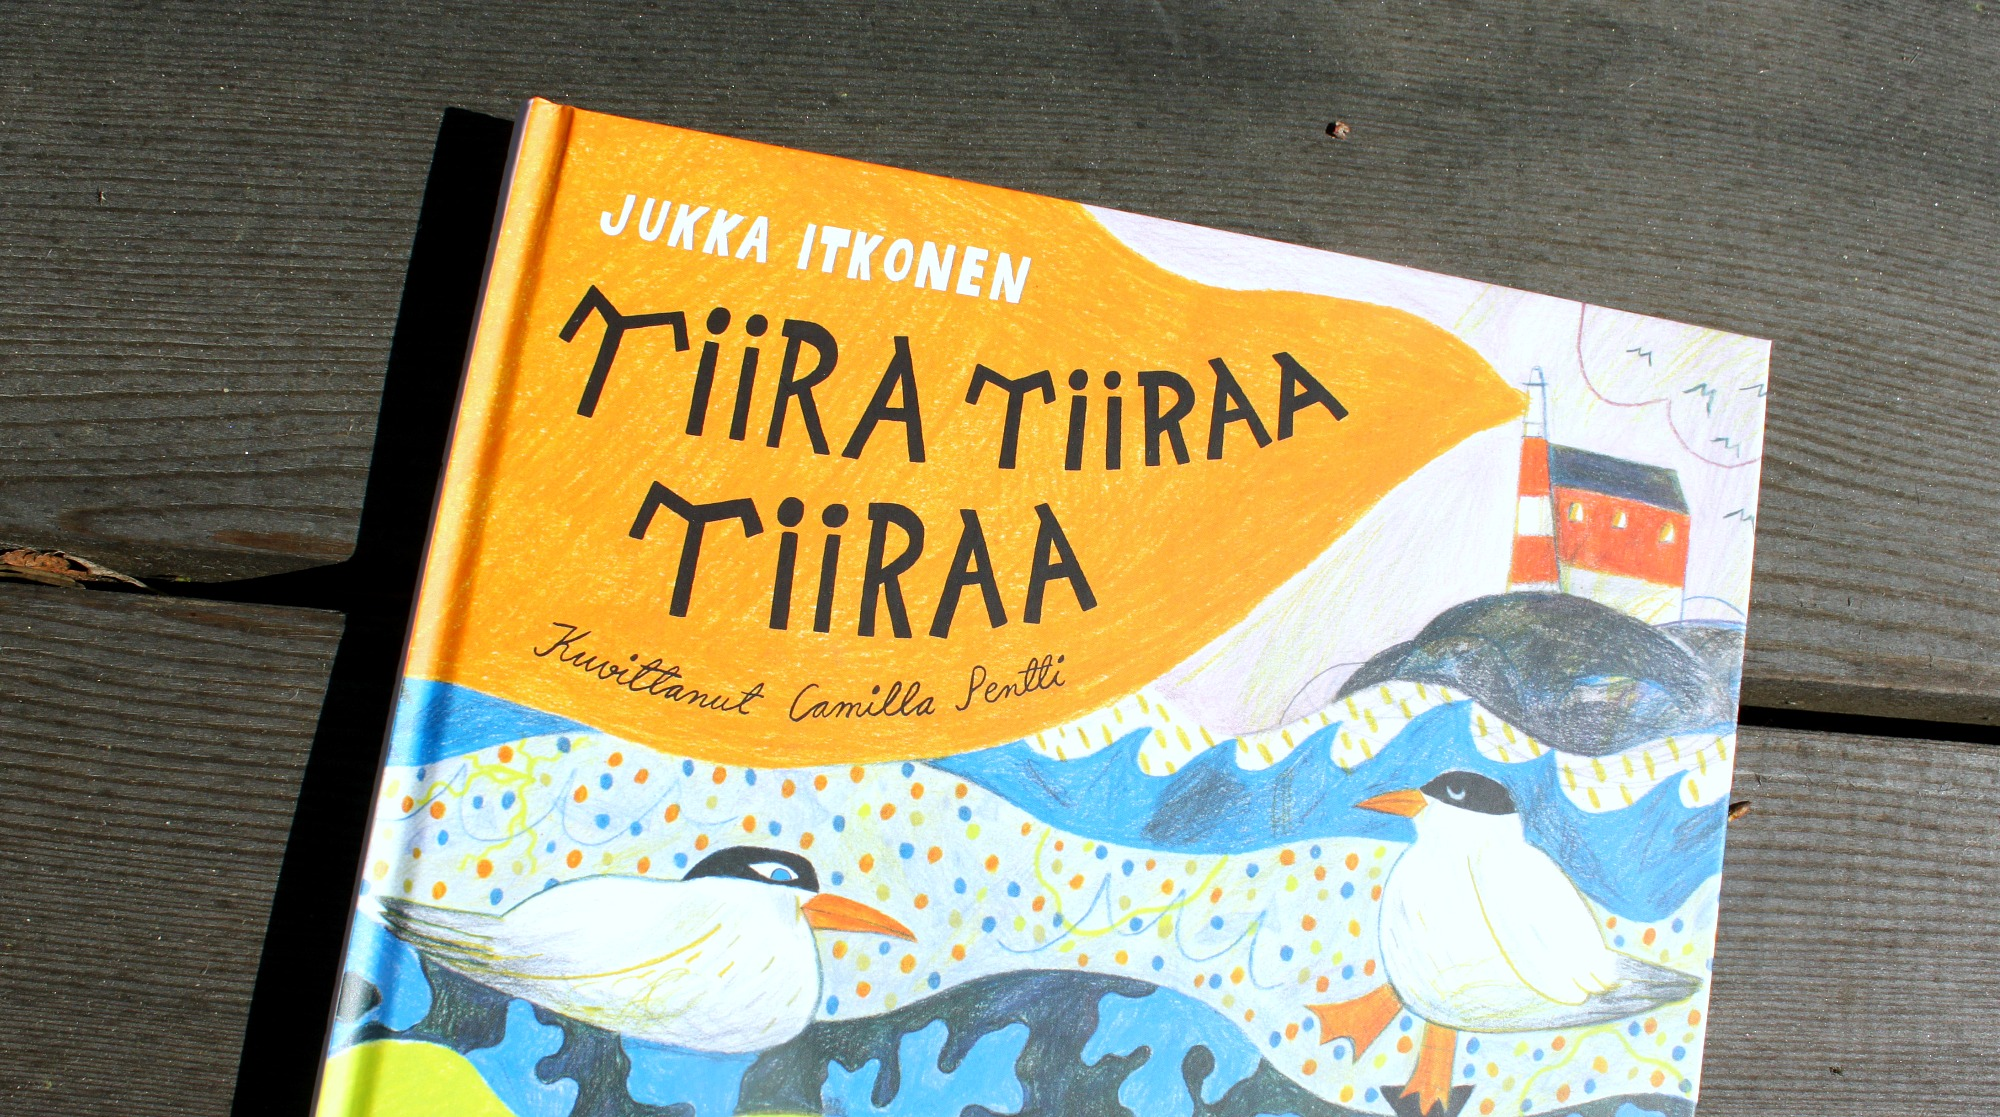 Jukka Itkonen: Tiira tiiraa tiiraa